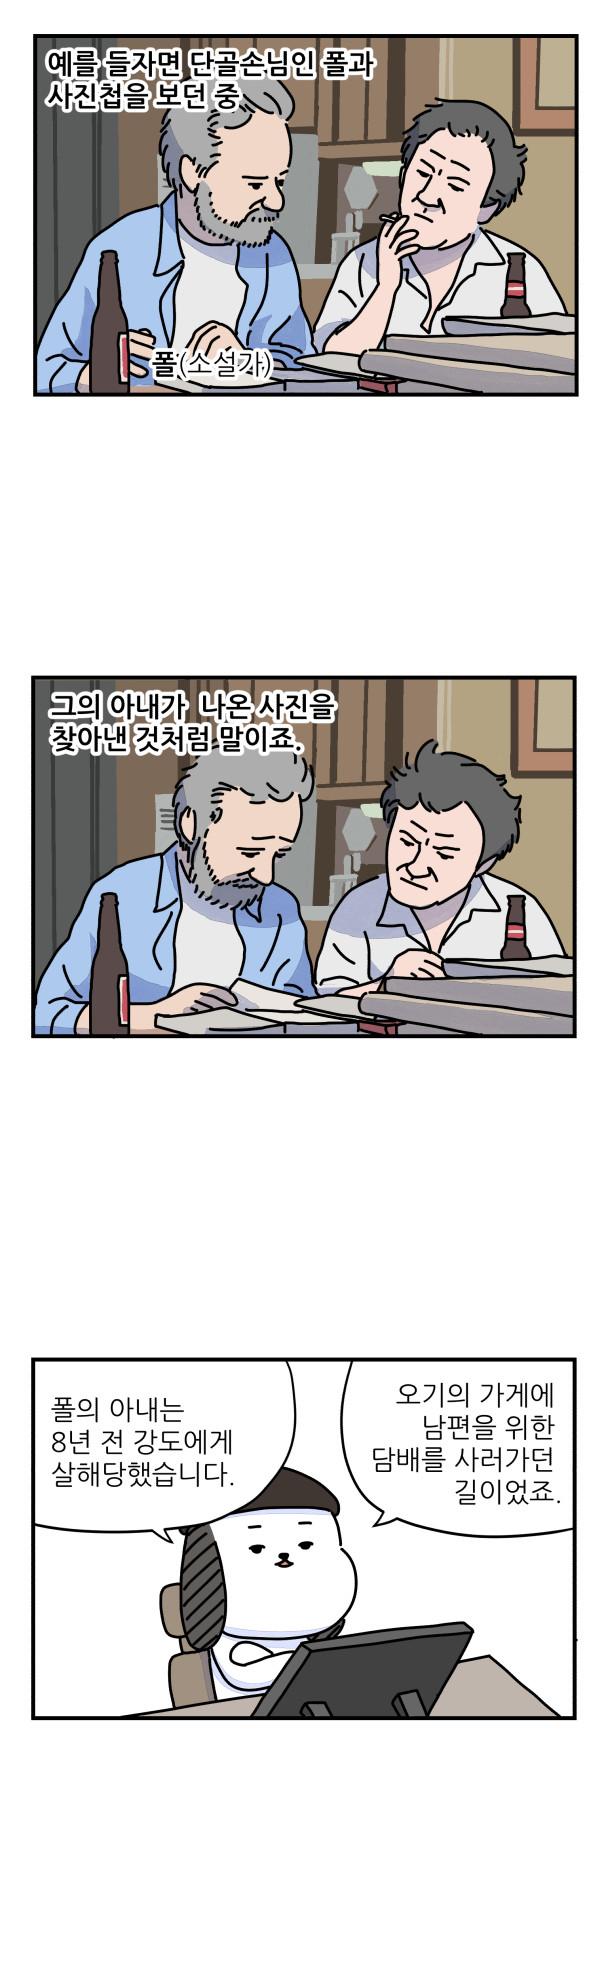 5_600_004.jpg